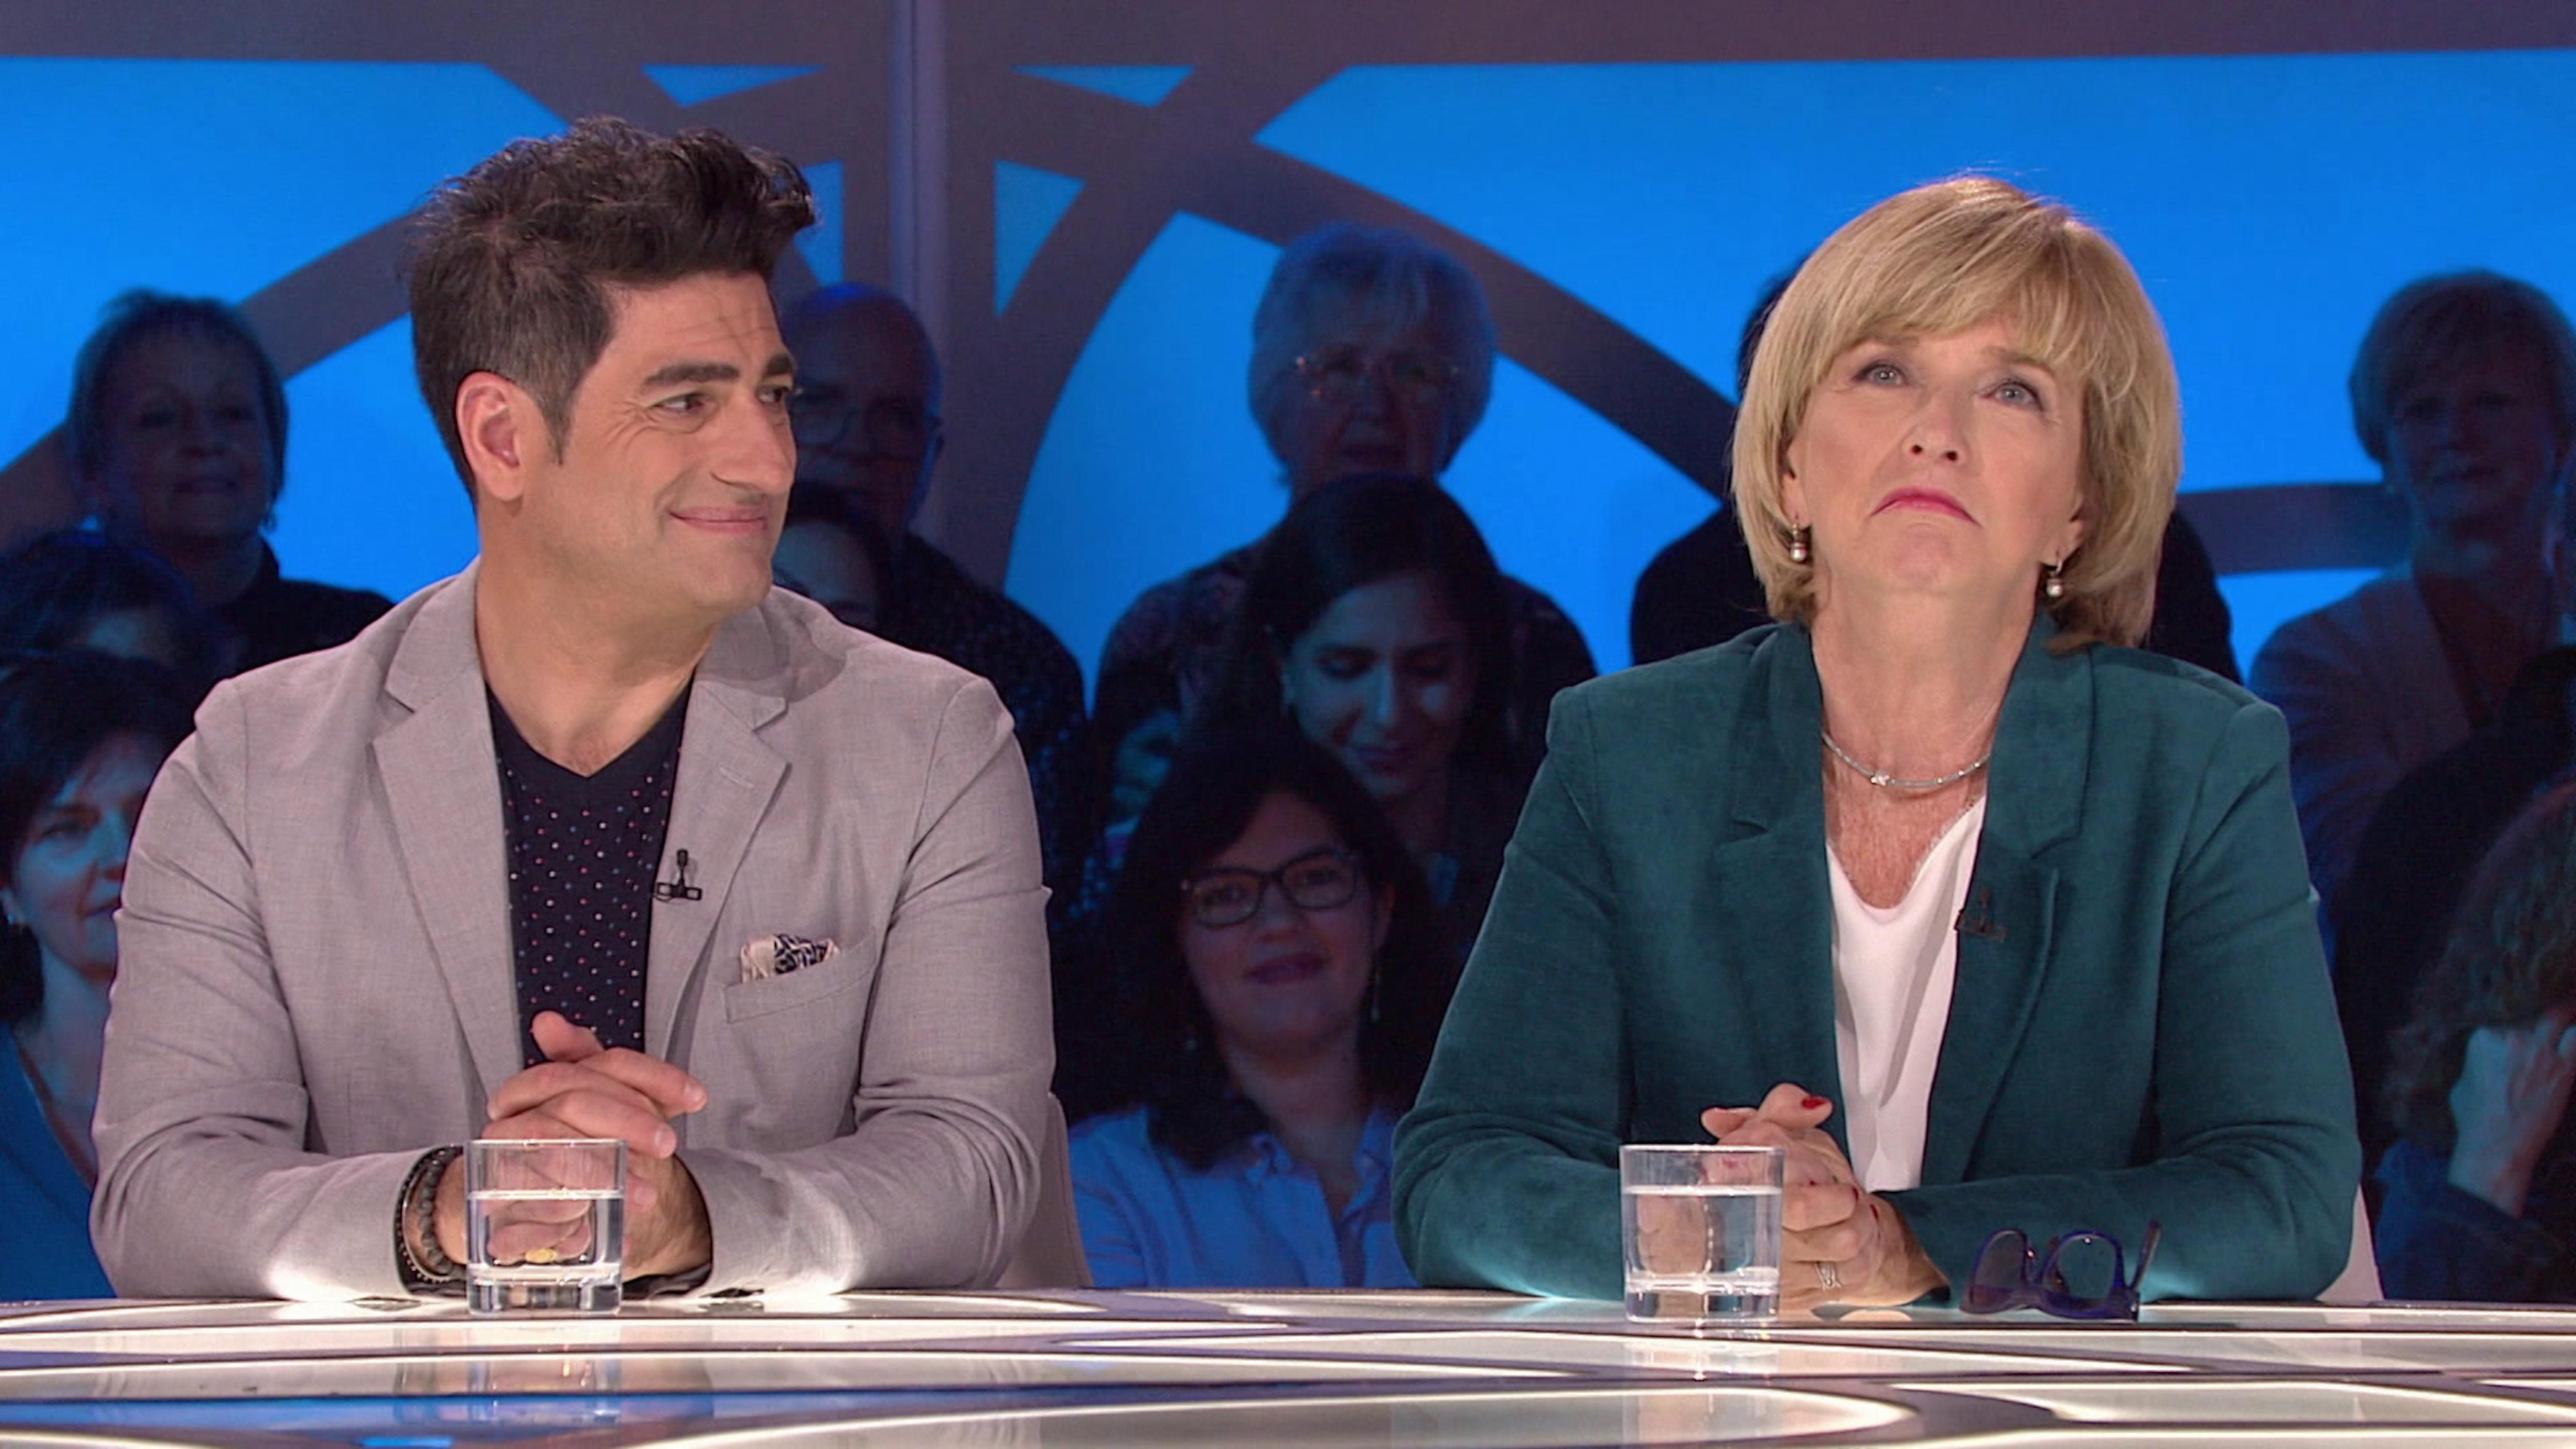 Les Enfants De La Tele Episode 04 Ici Tou Tv